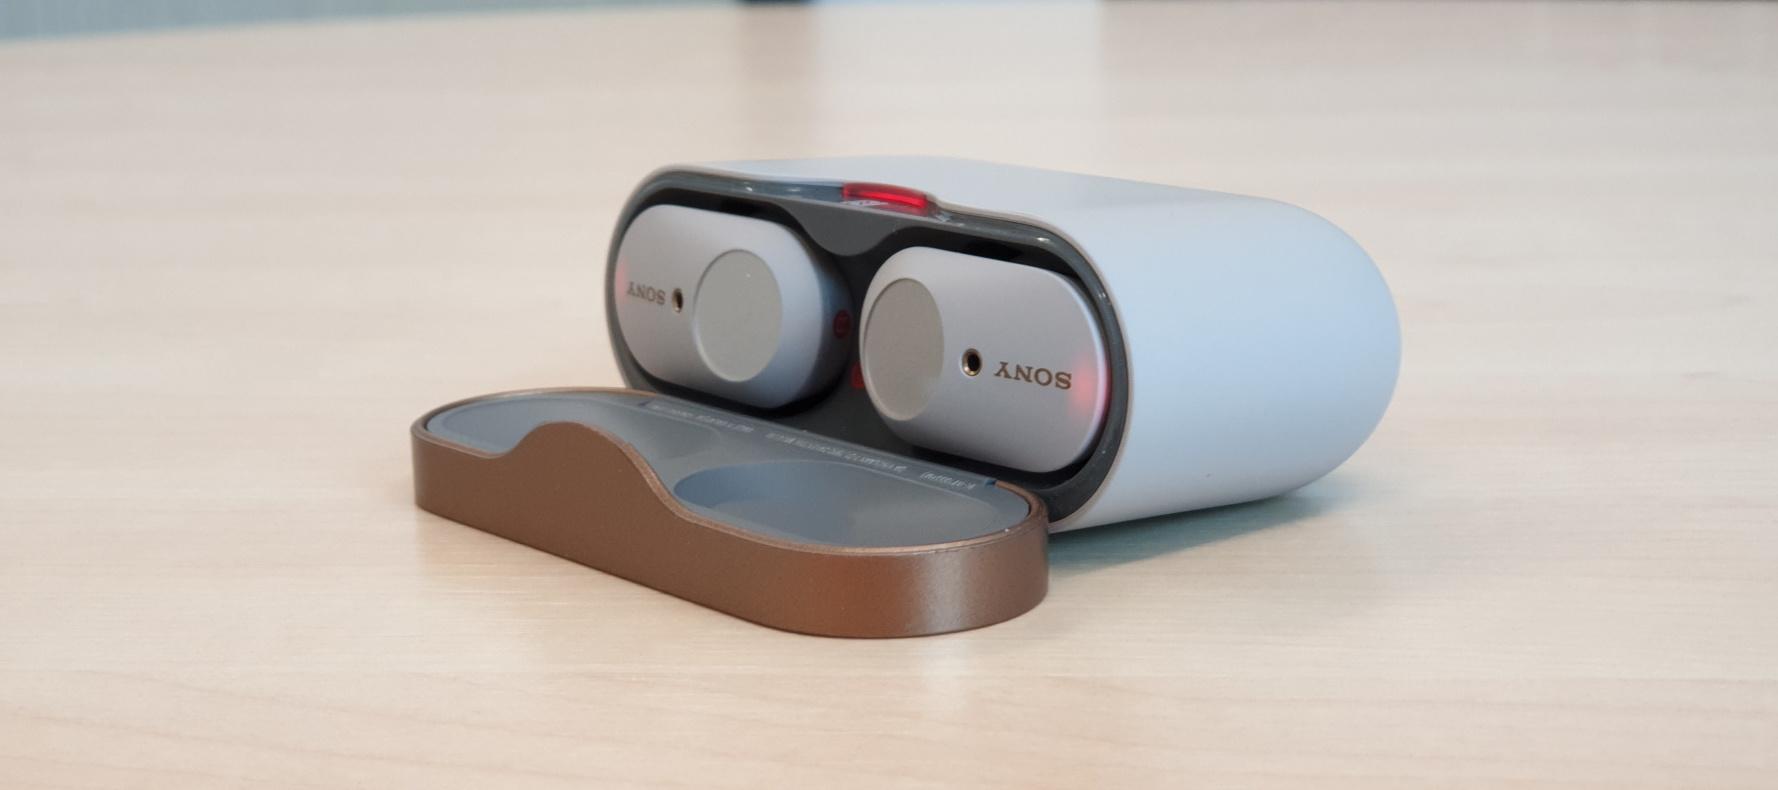 Sony WF-1000XM3 - klein aber oho